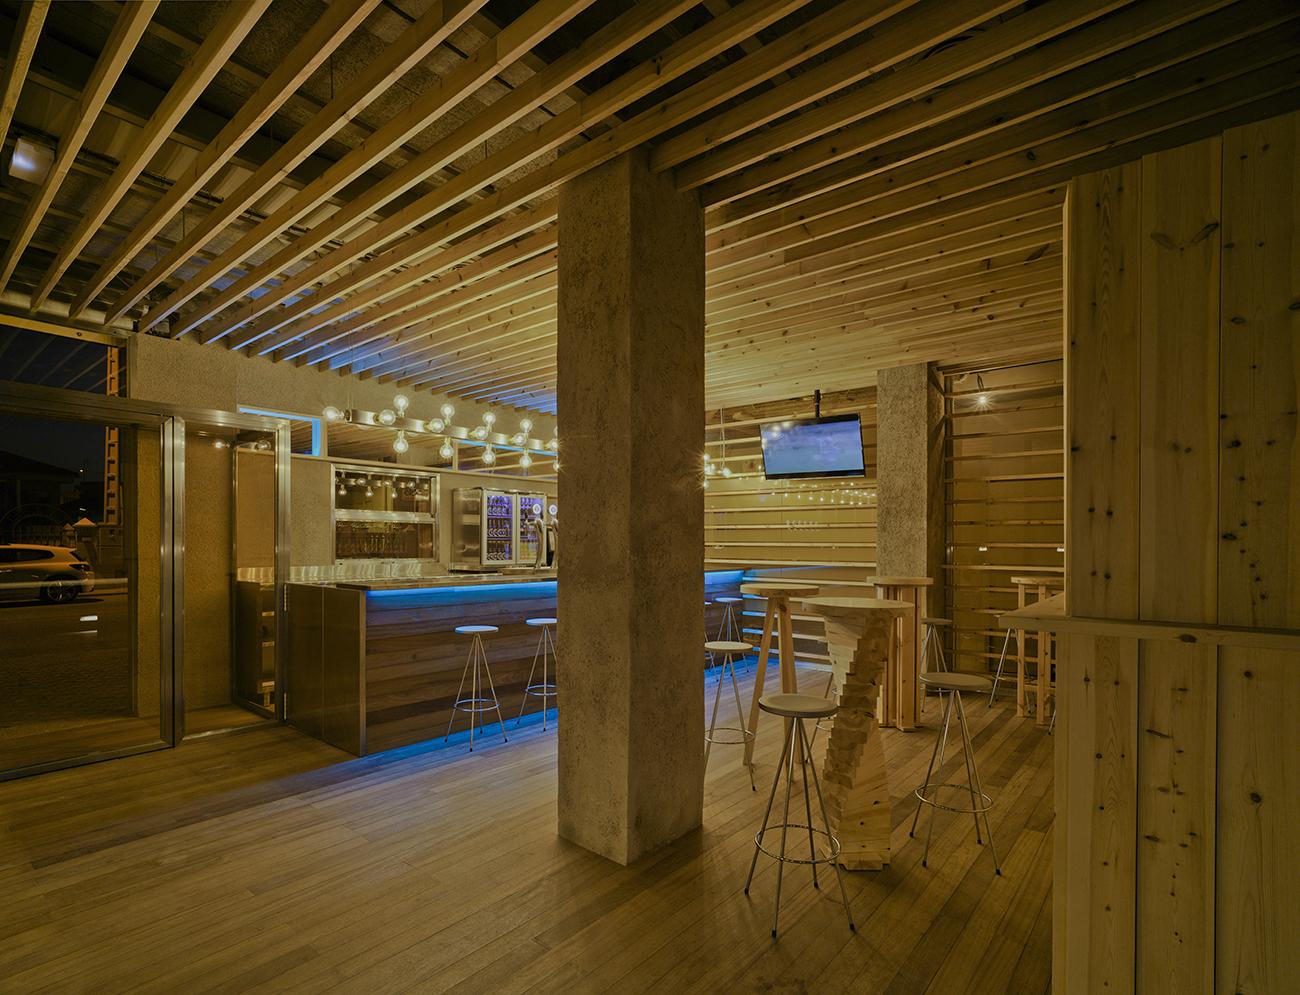 Martin lejarraga arquitecto canana l a brew pub en la for Martin lejarraga